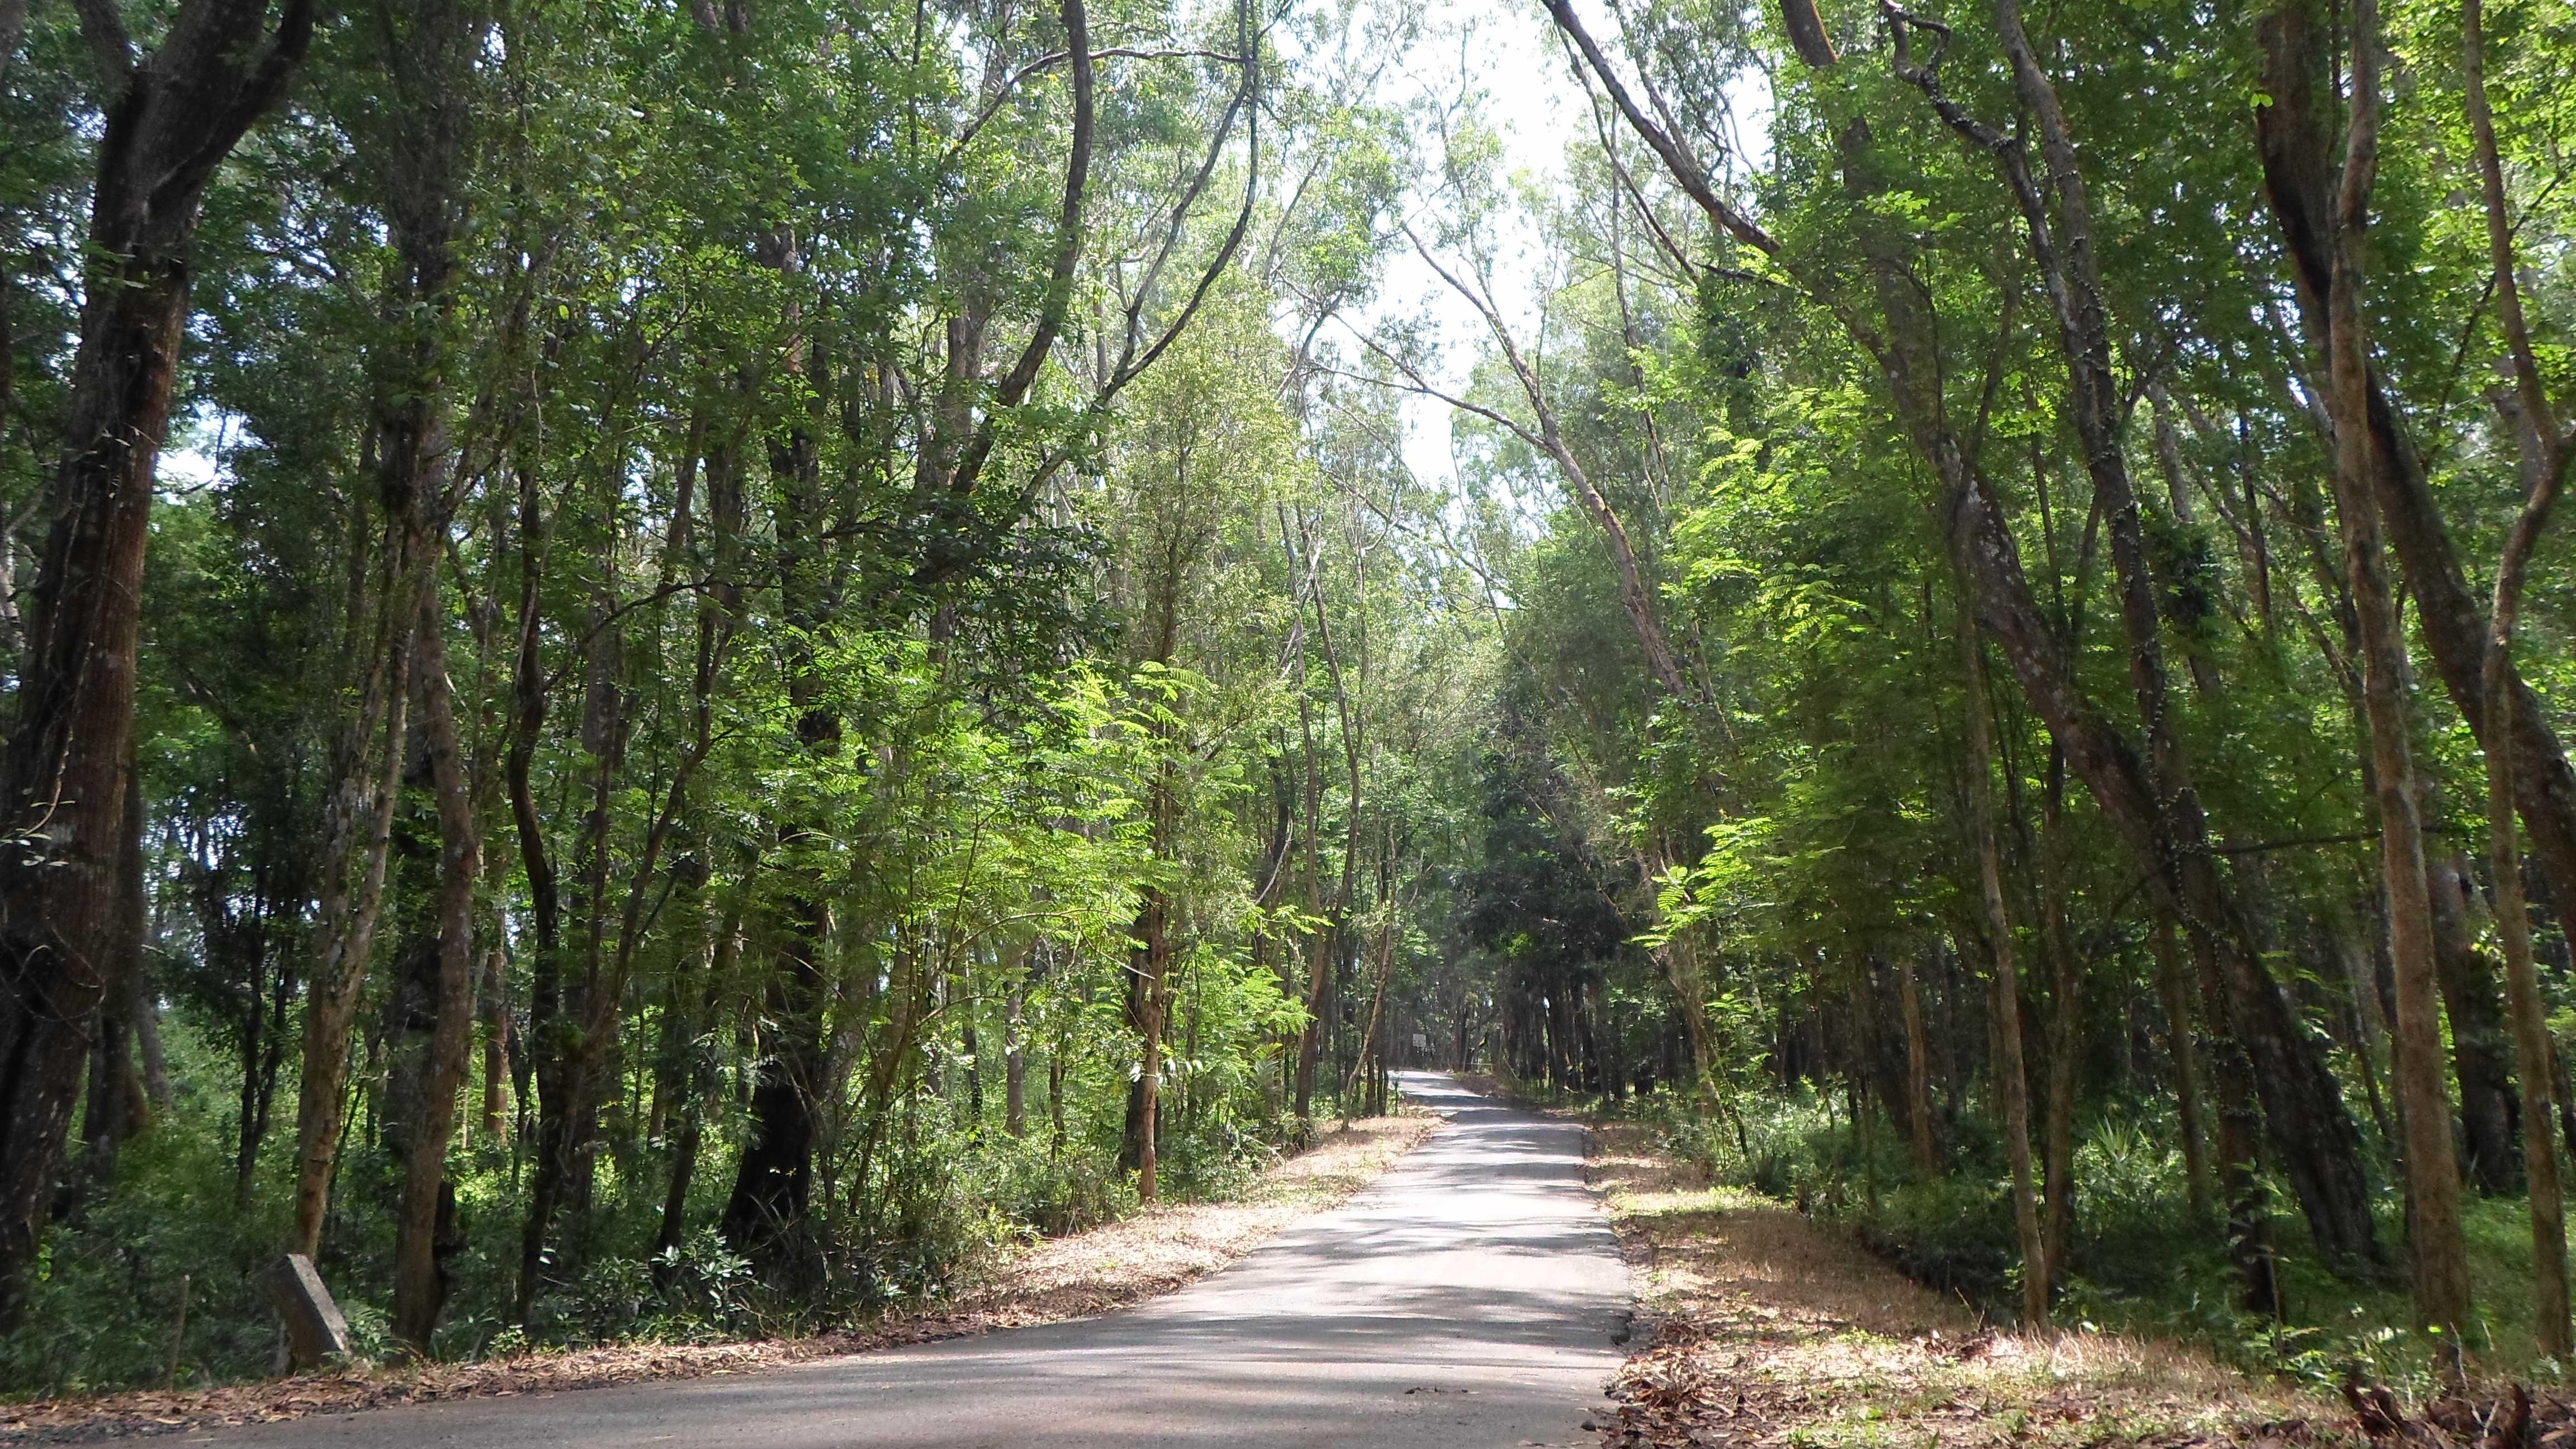 Path Of Pinus Forest, Mangunan Imogiri